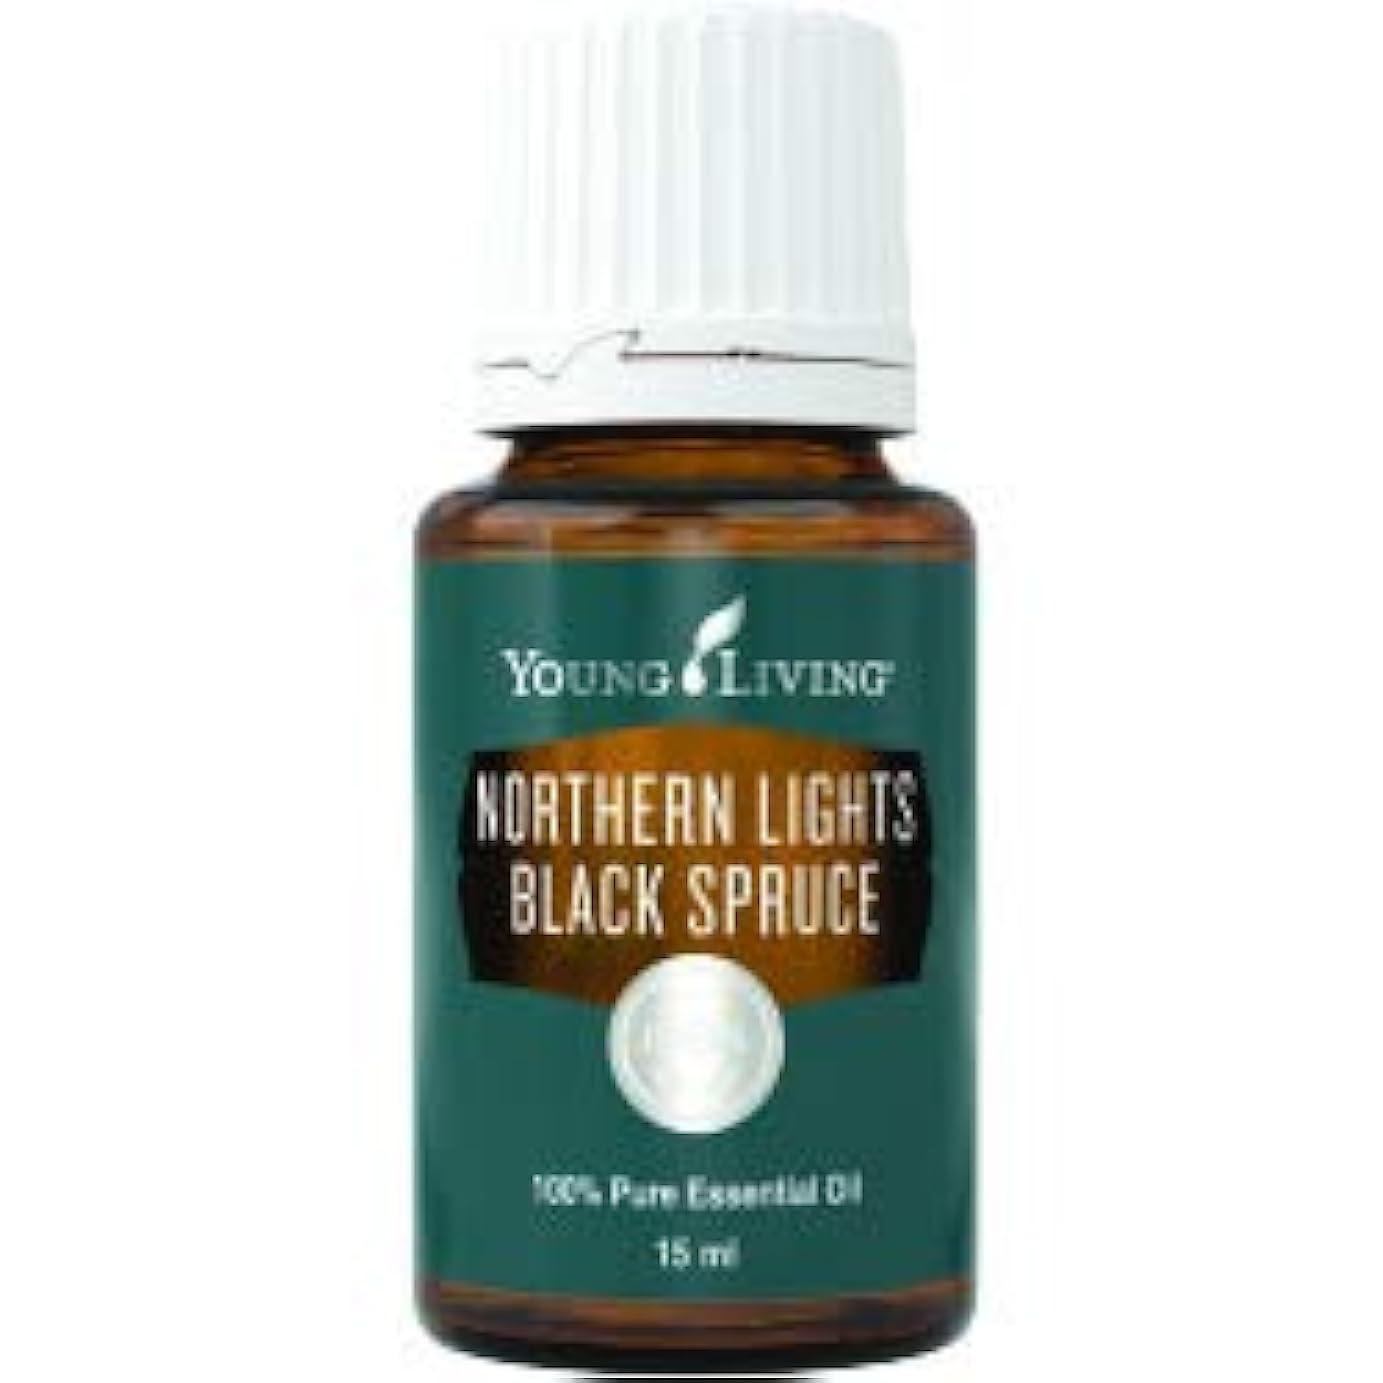 振り返る怒っている報奨金ノーザンライツブラックスプルースエッセンシャルオイル15ml byヤングリビングエッセンシャルオイルマレーシア Northern Lights Black Spruce Essential Oil 15ml by Young...